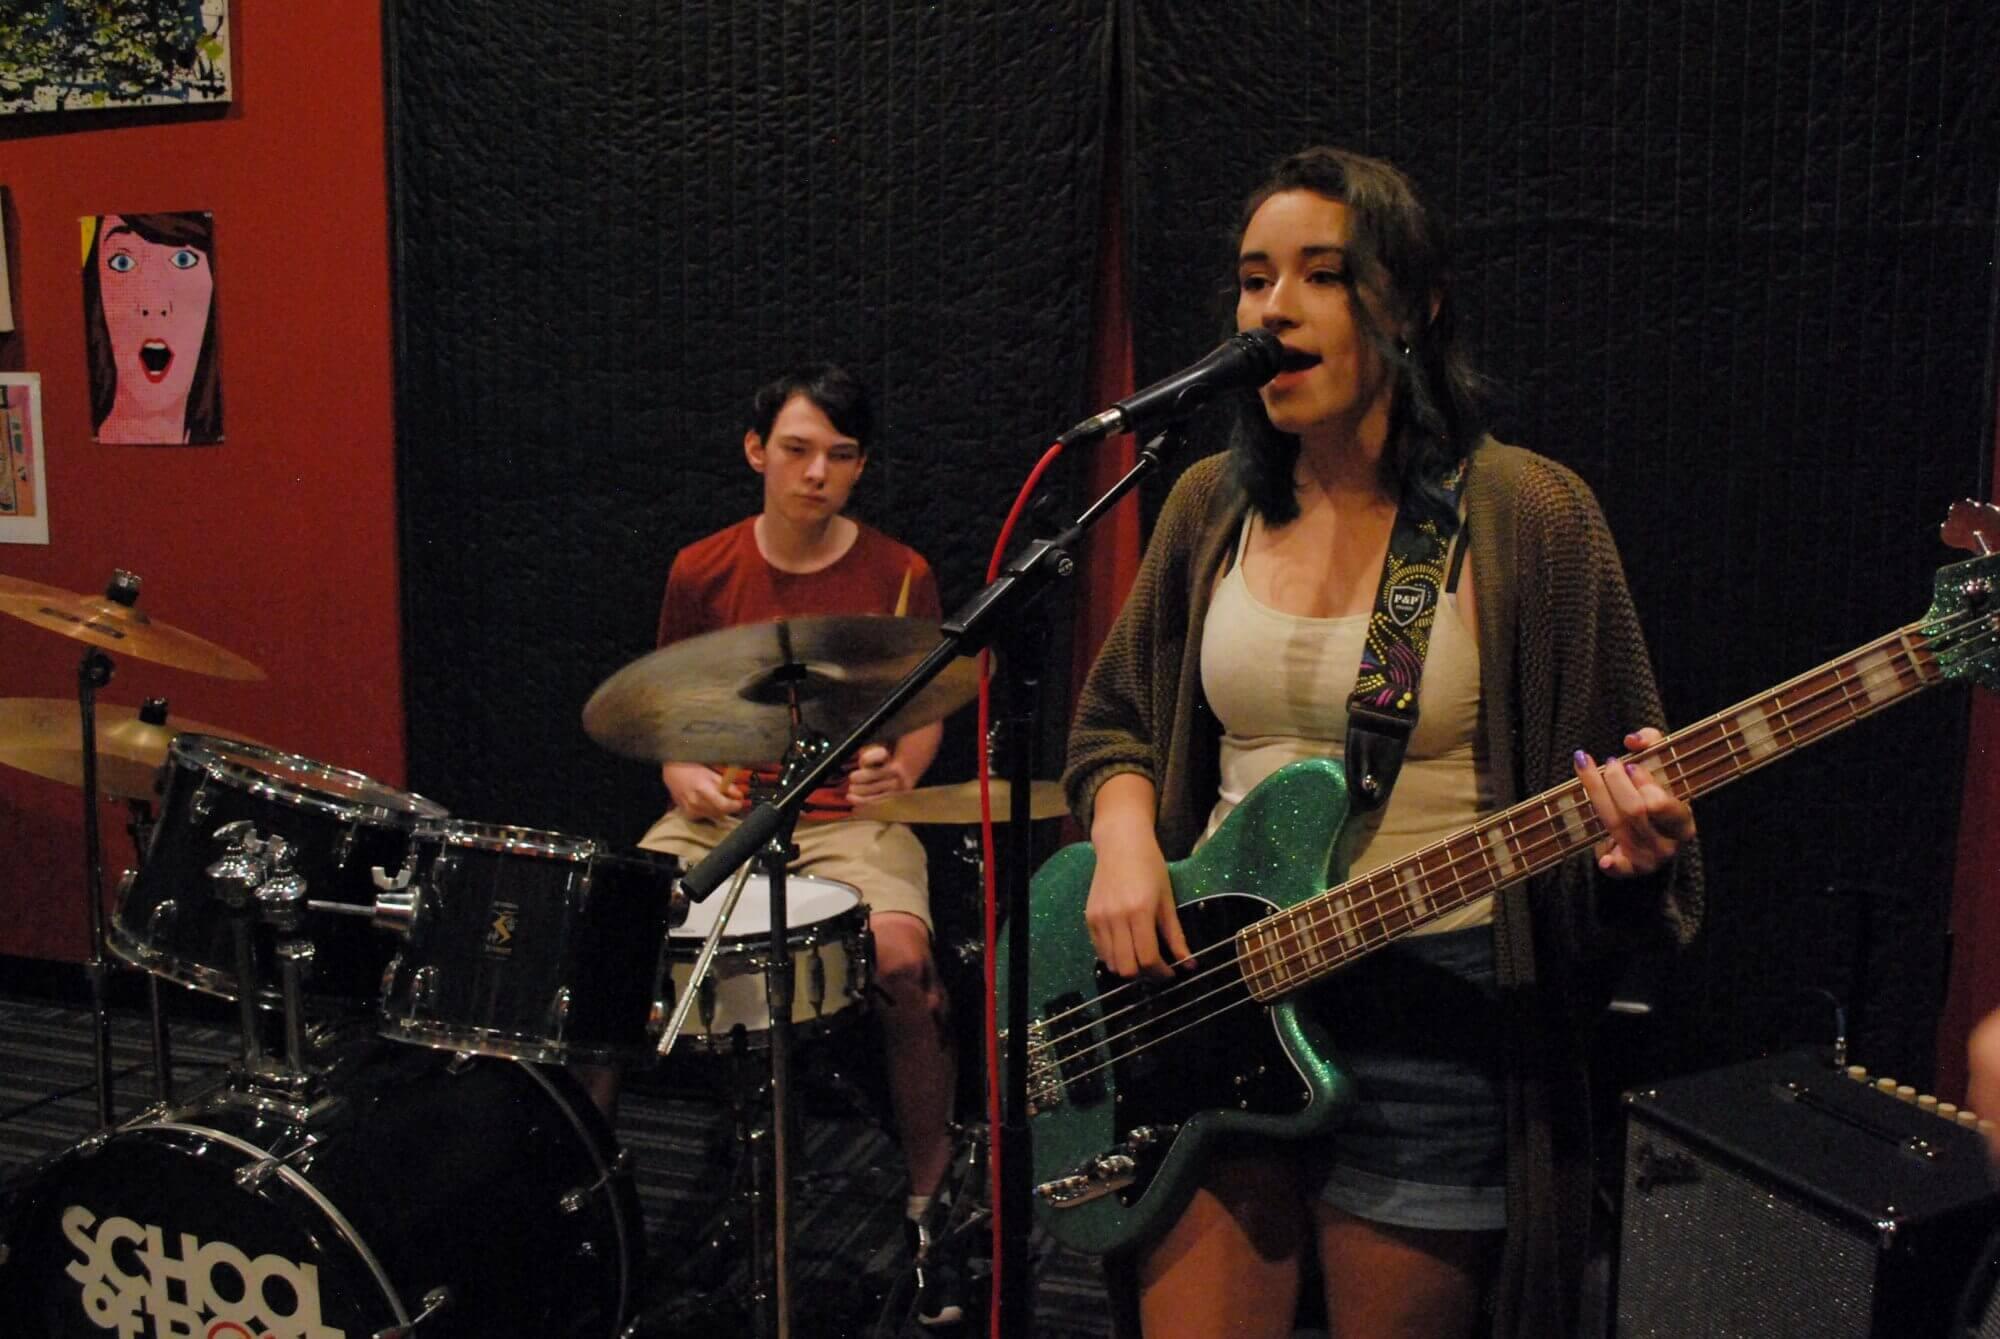 The House Band runs through their set during a recent rehearsal.